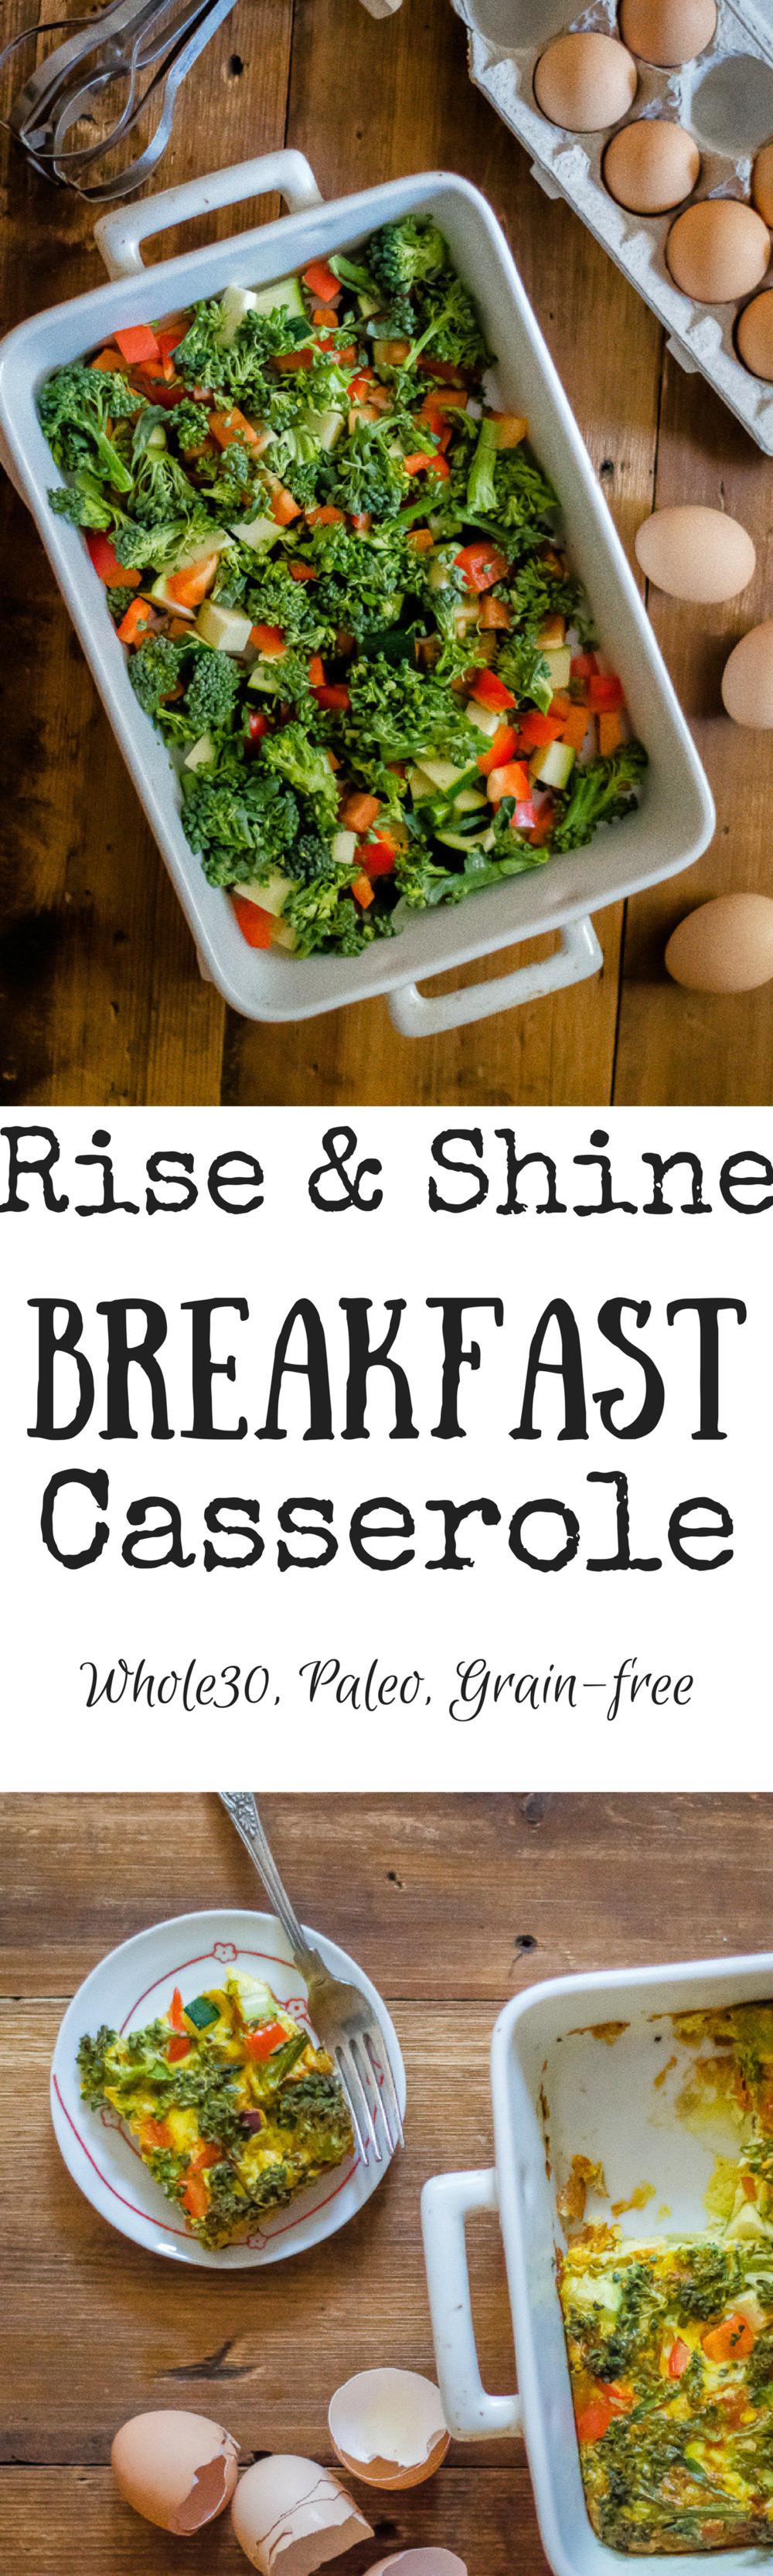 Rise & Shine Breakfast Casserole